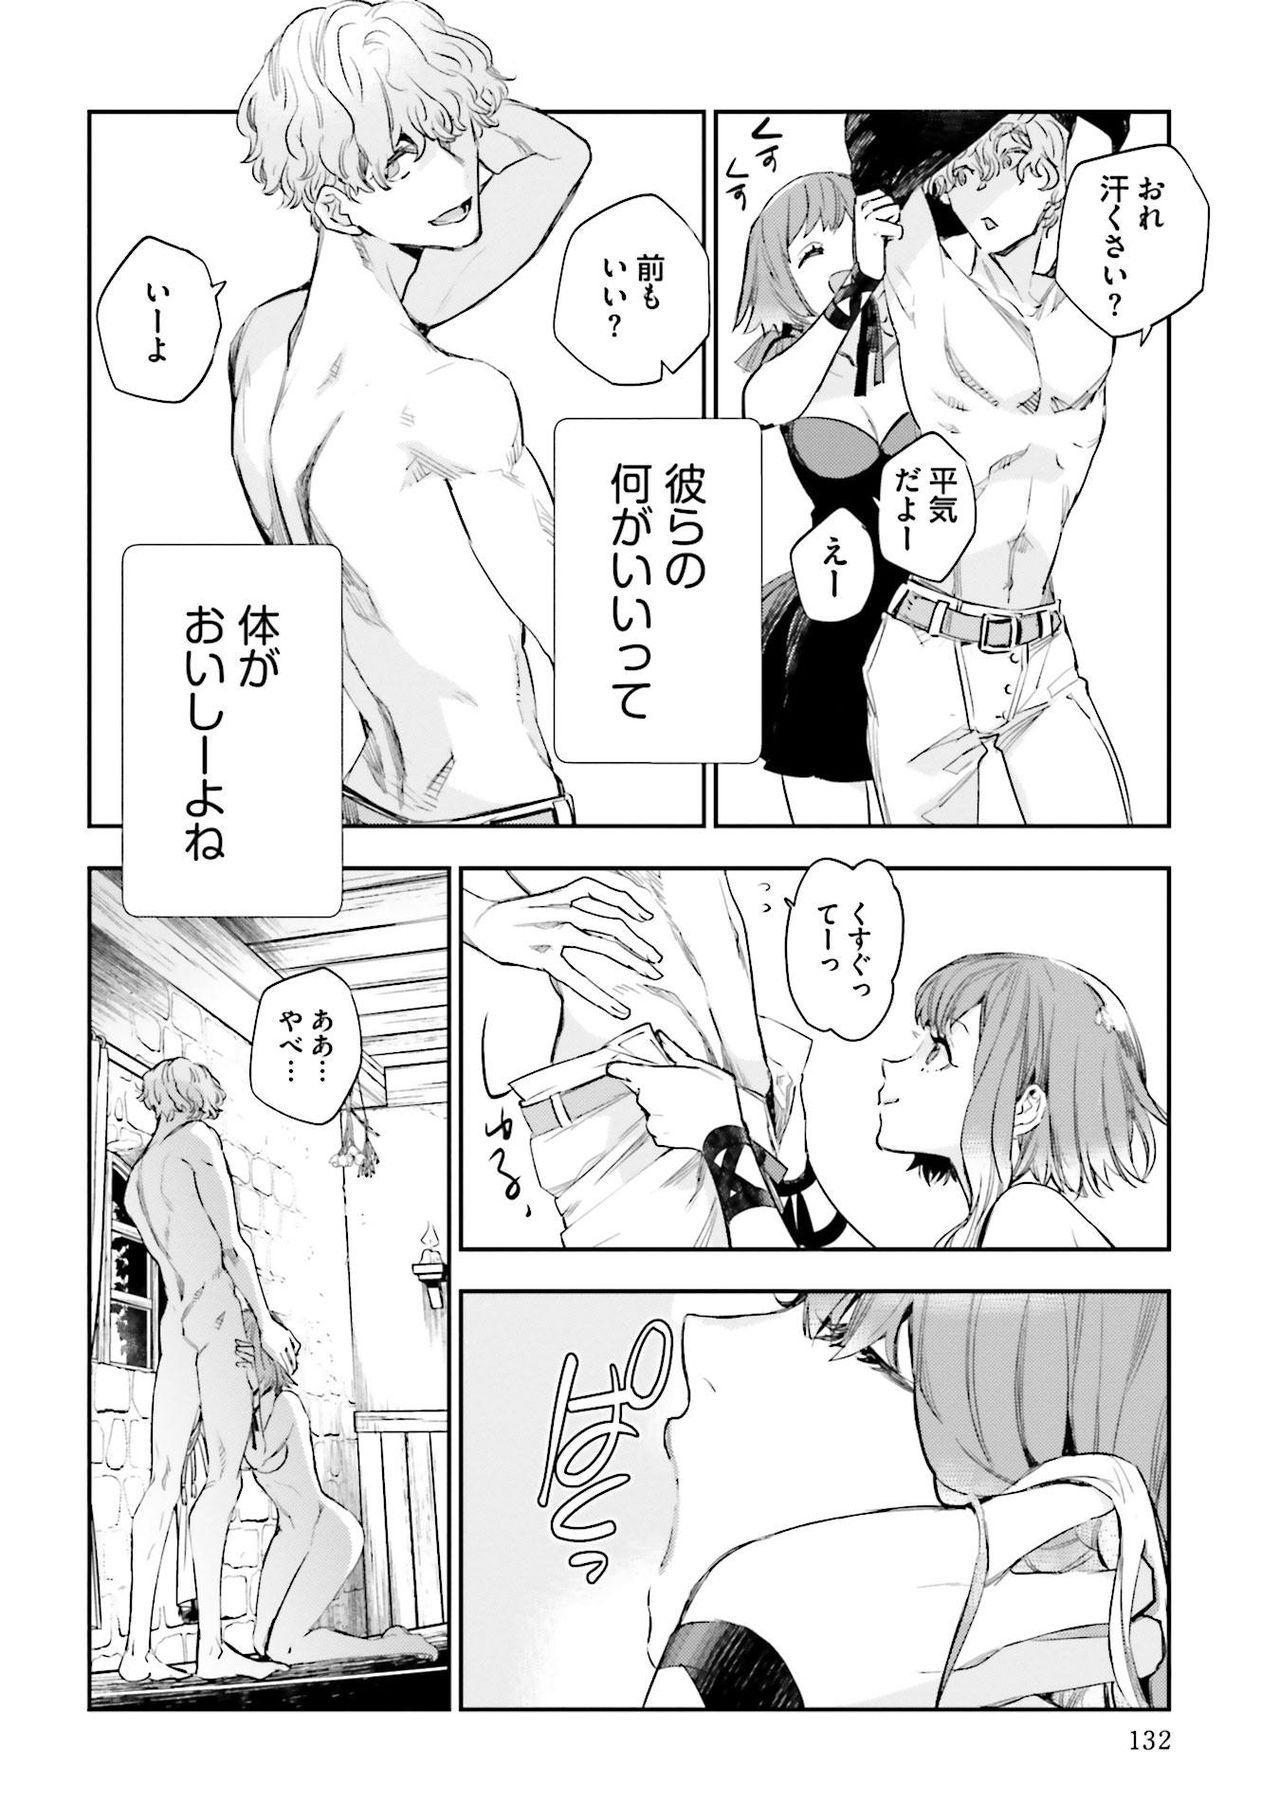 JK Haru wa Isekai de Shoufu ni Natta 1-14 491